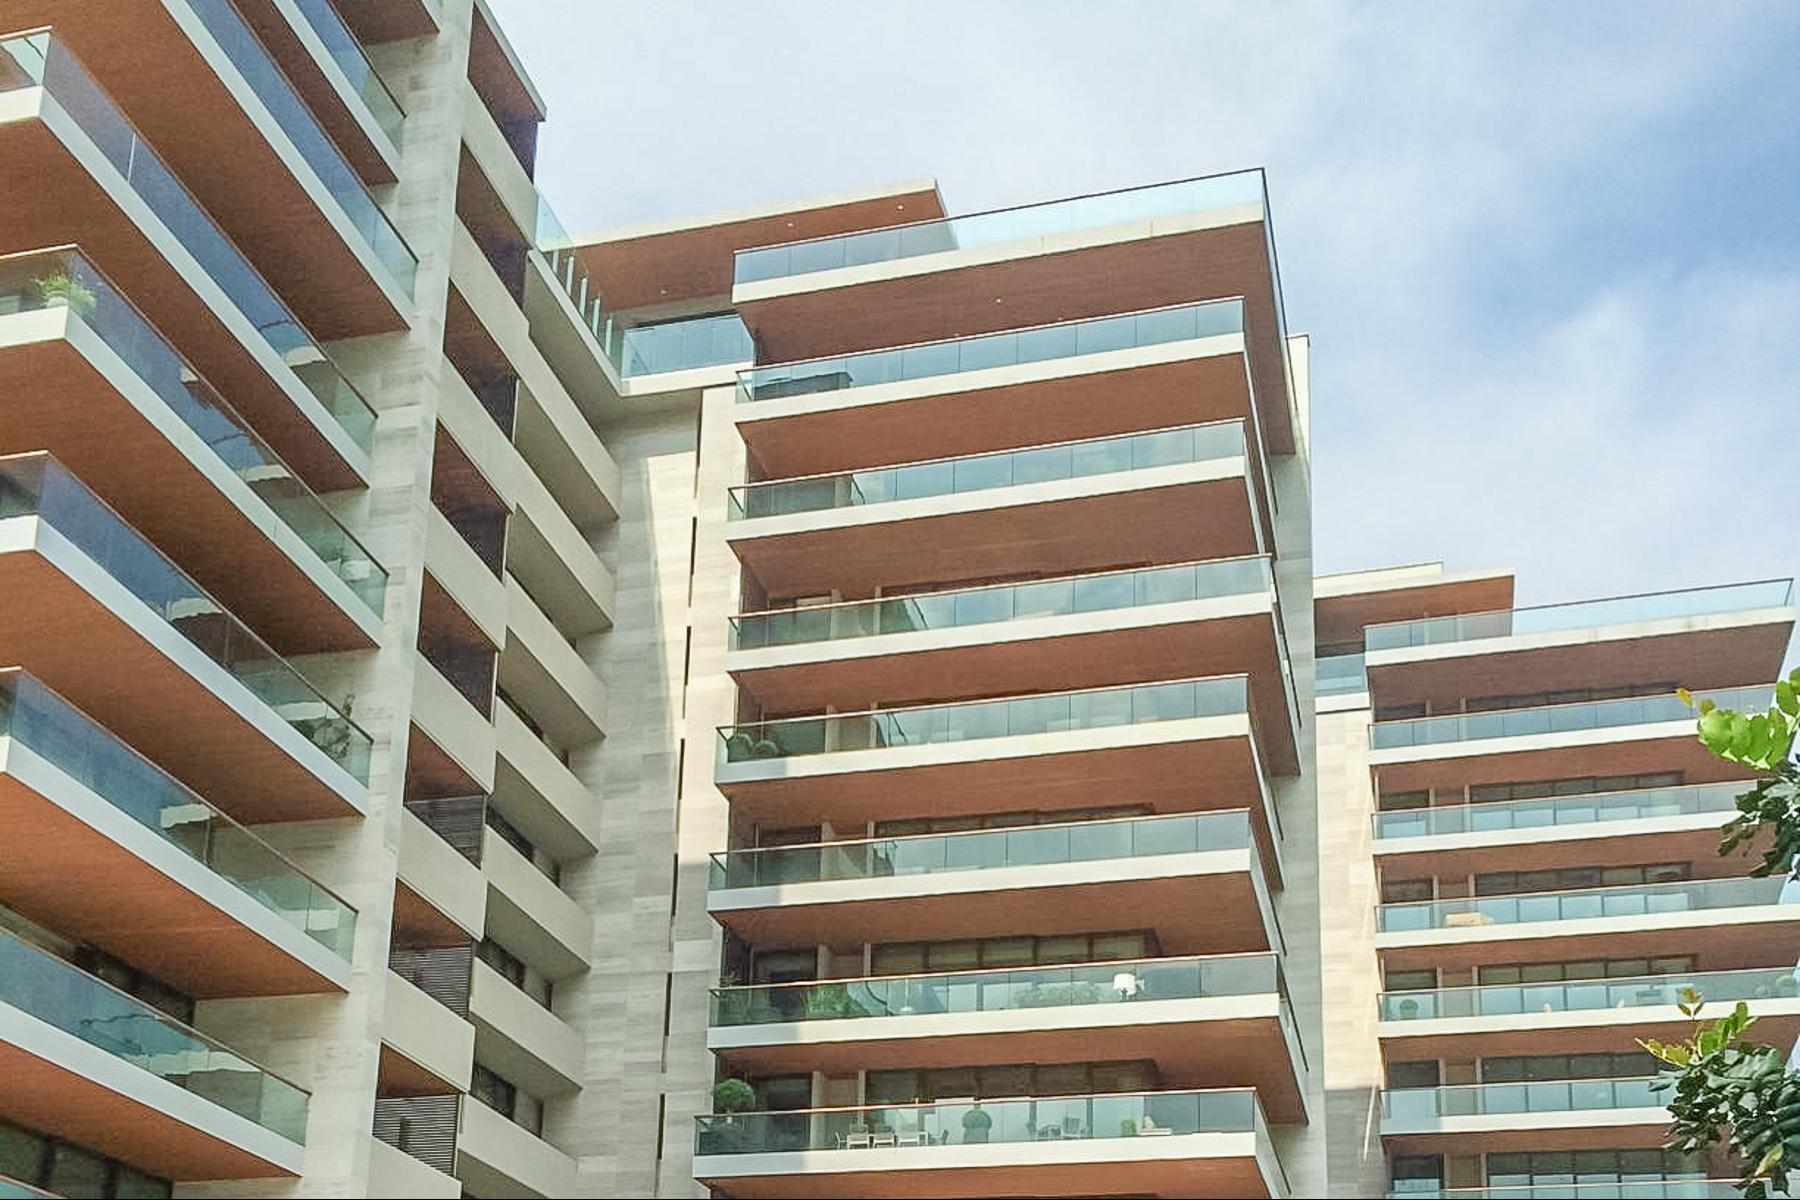 Appartement pour l Vente à El Alear - D405 Autres Nuevo Leon, Nuevo Leon, 66254 Mexique